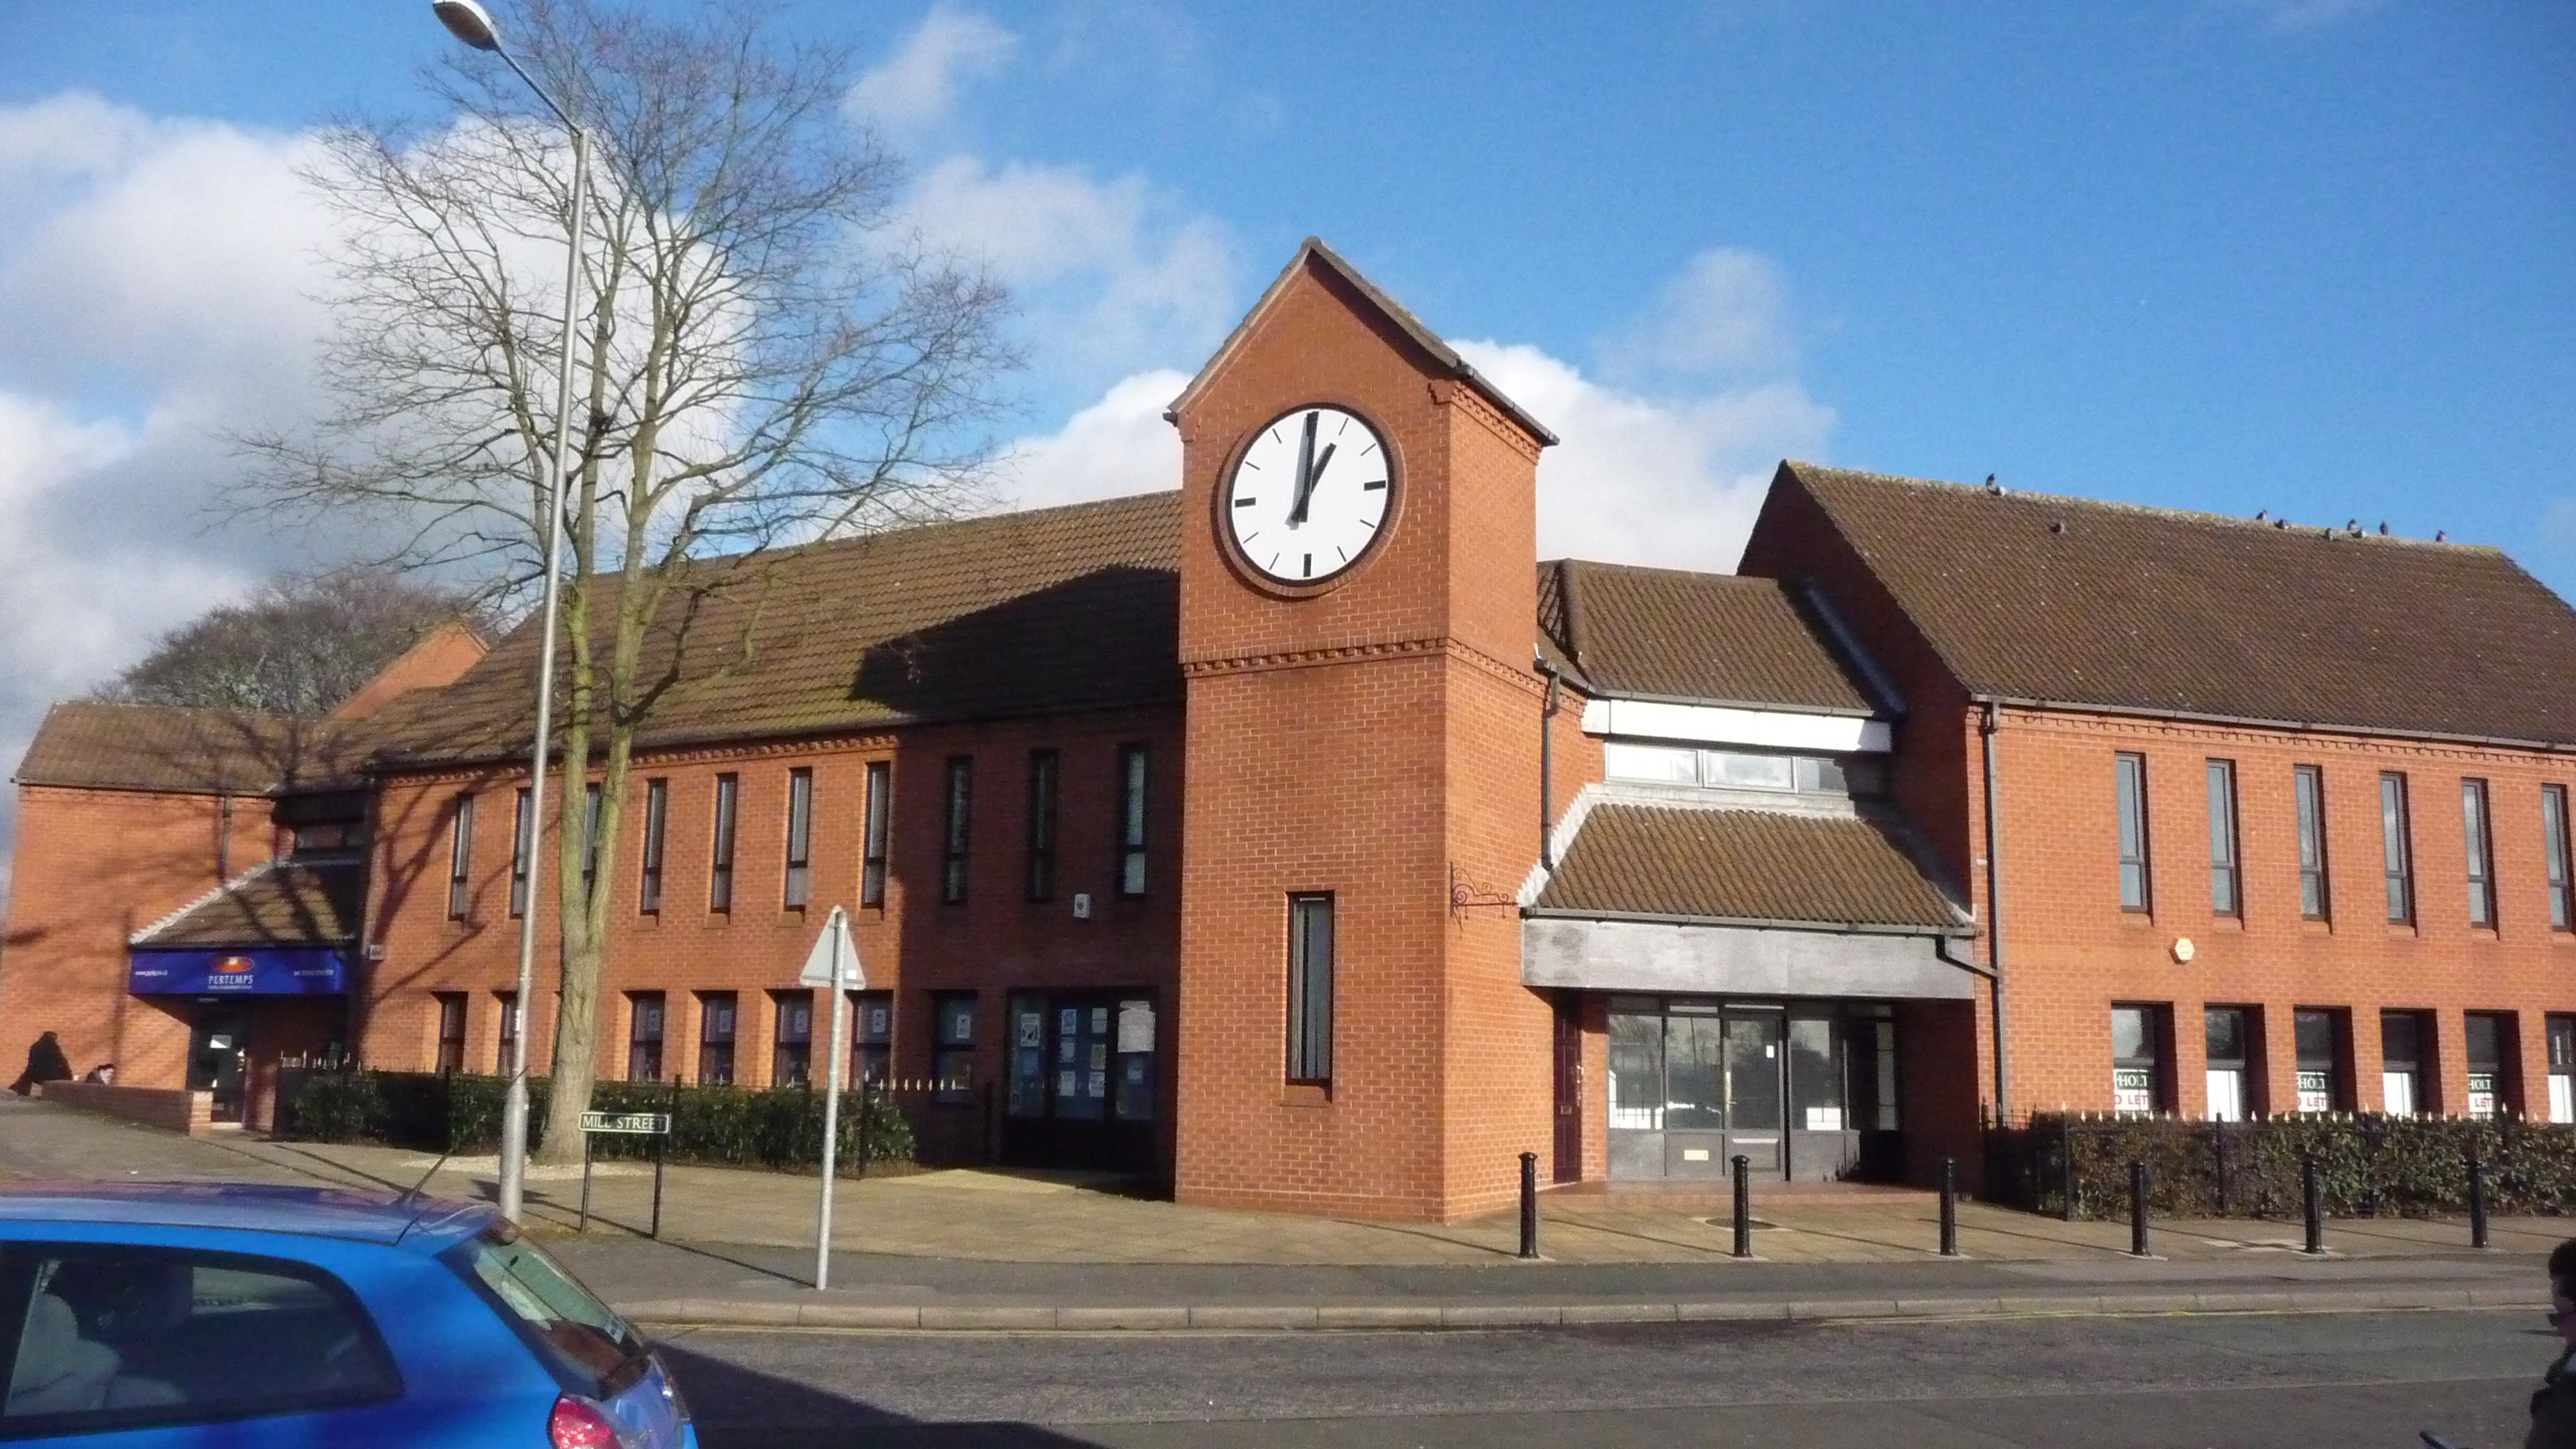 Large exterior modern clock